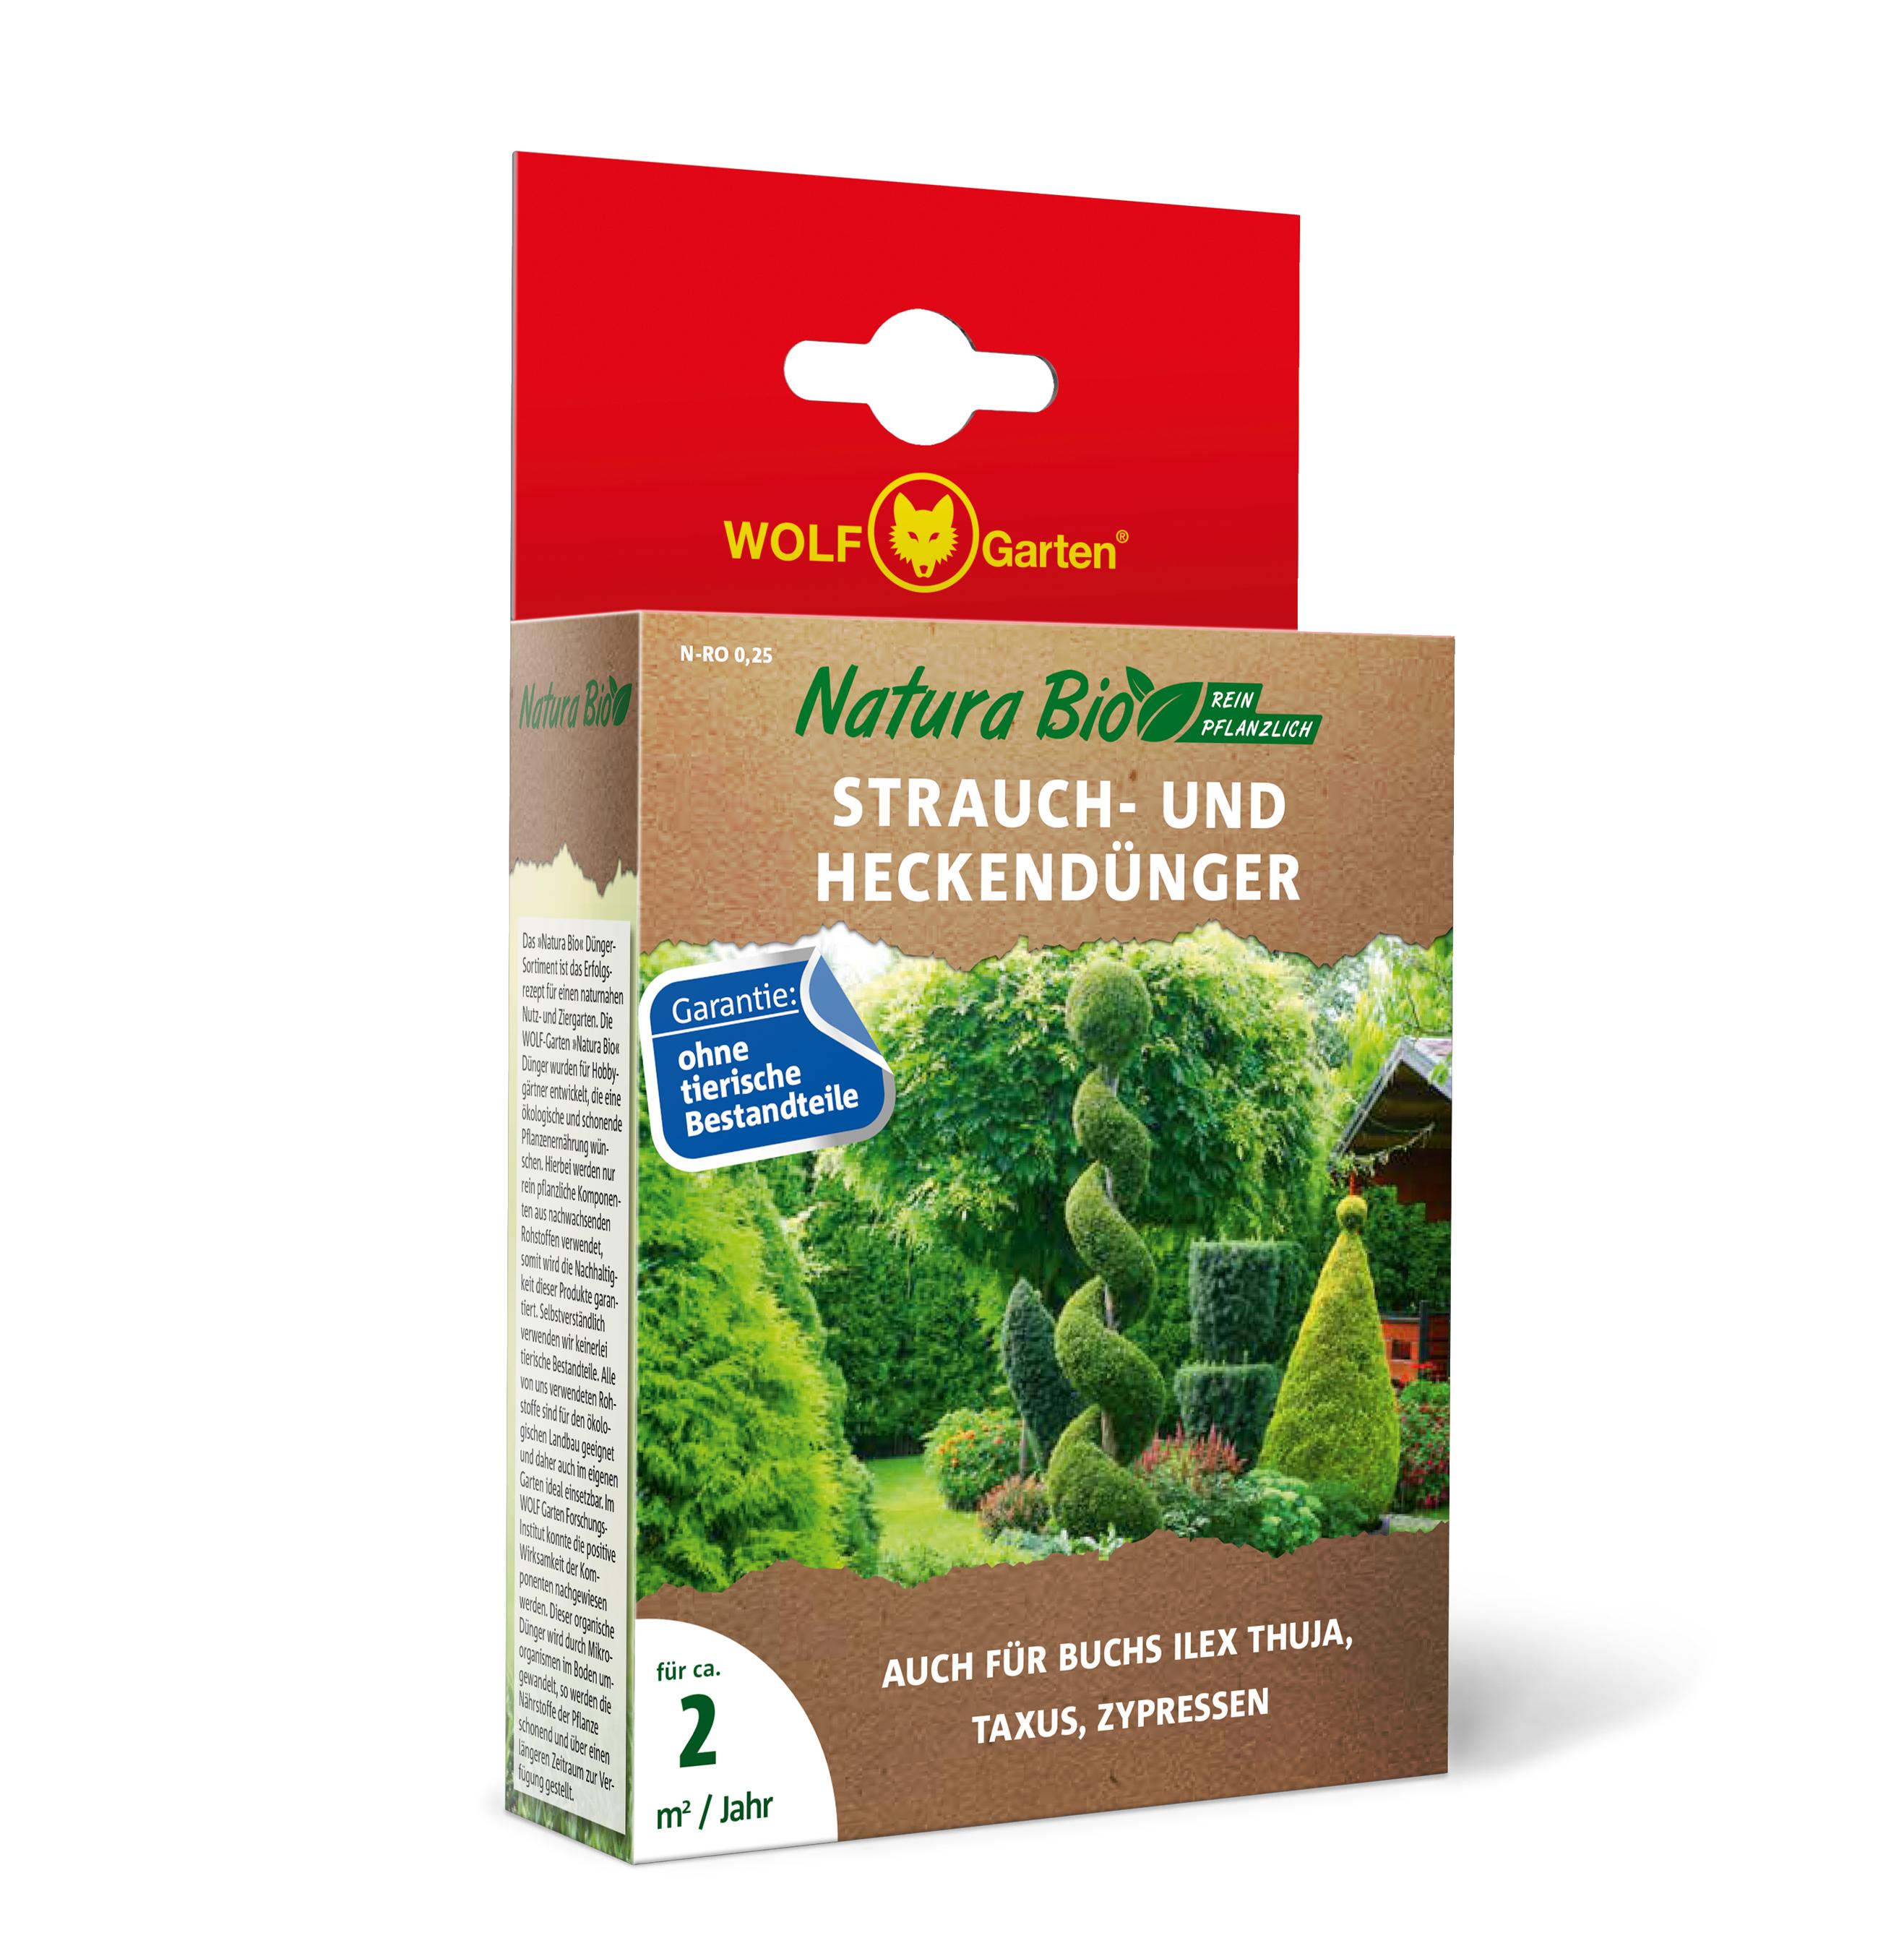 Wolf Garten Natura Bio Strauch- und Heckendünger 250g Bild 1